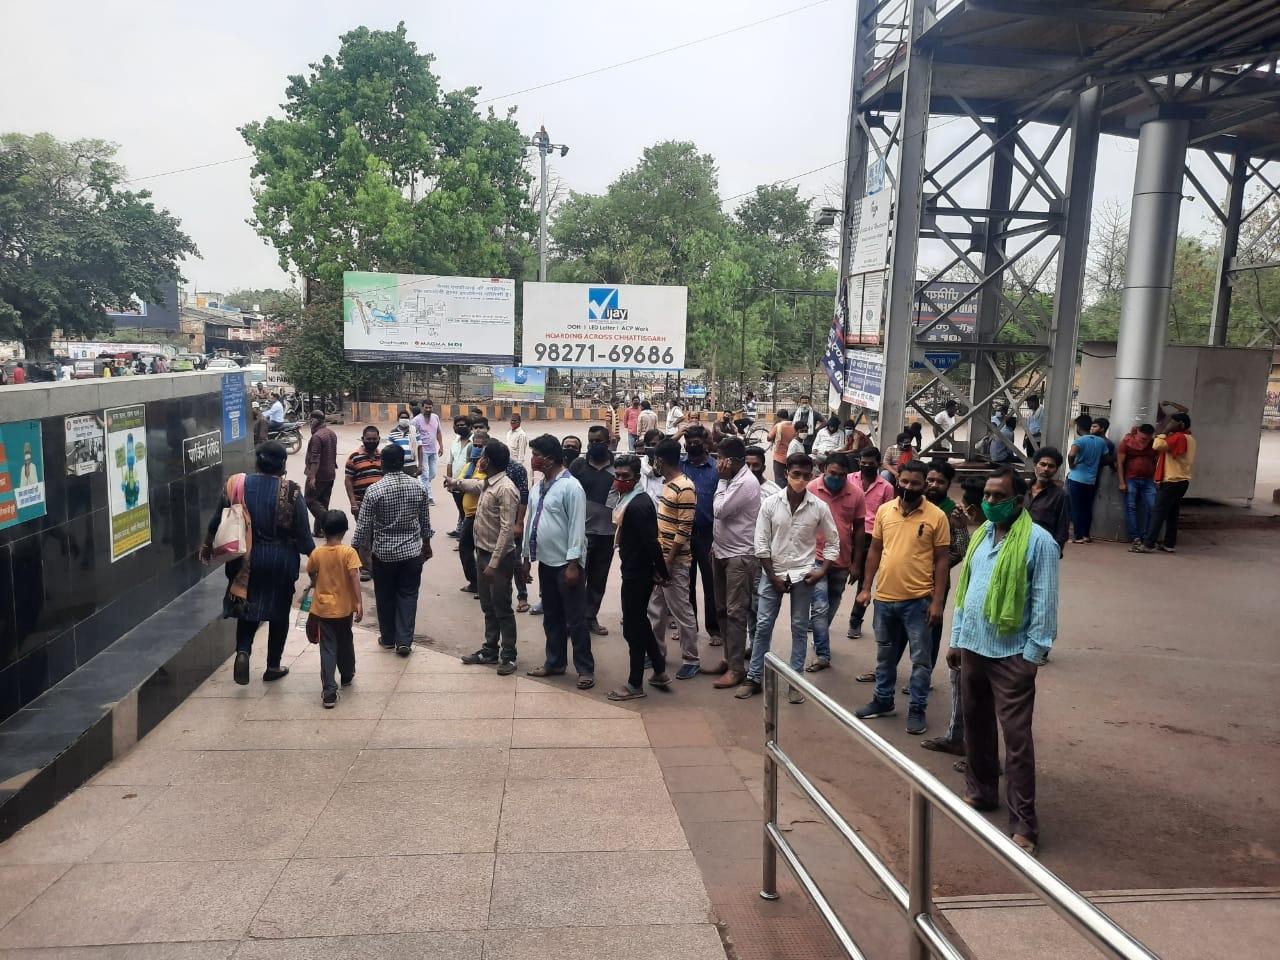 Bilaspur Railway News: नियम दो गज दूरी का फिर भी आटो चालक लगा रहे भीड़, स्टेशन में संक्रमण का खतरा